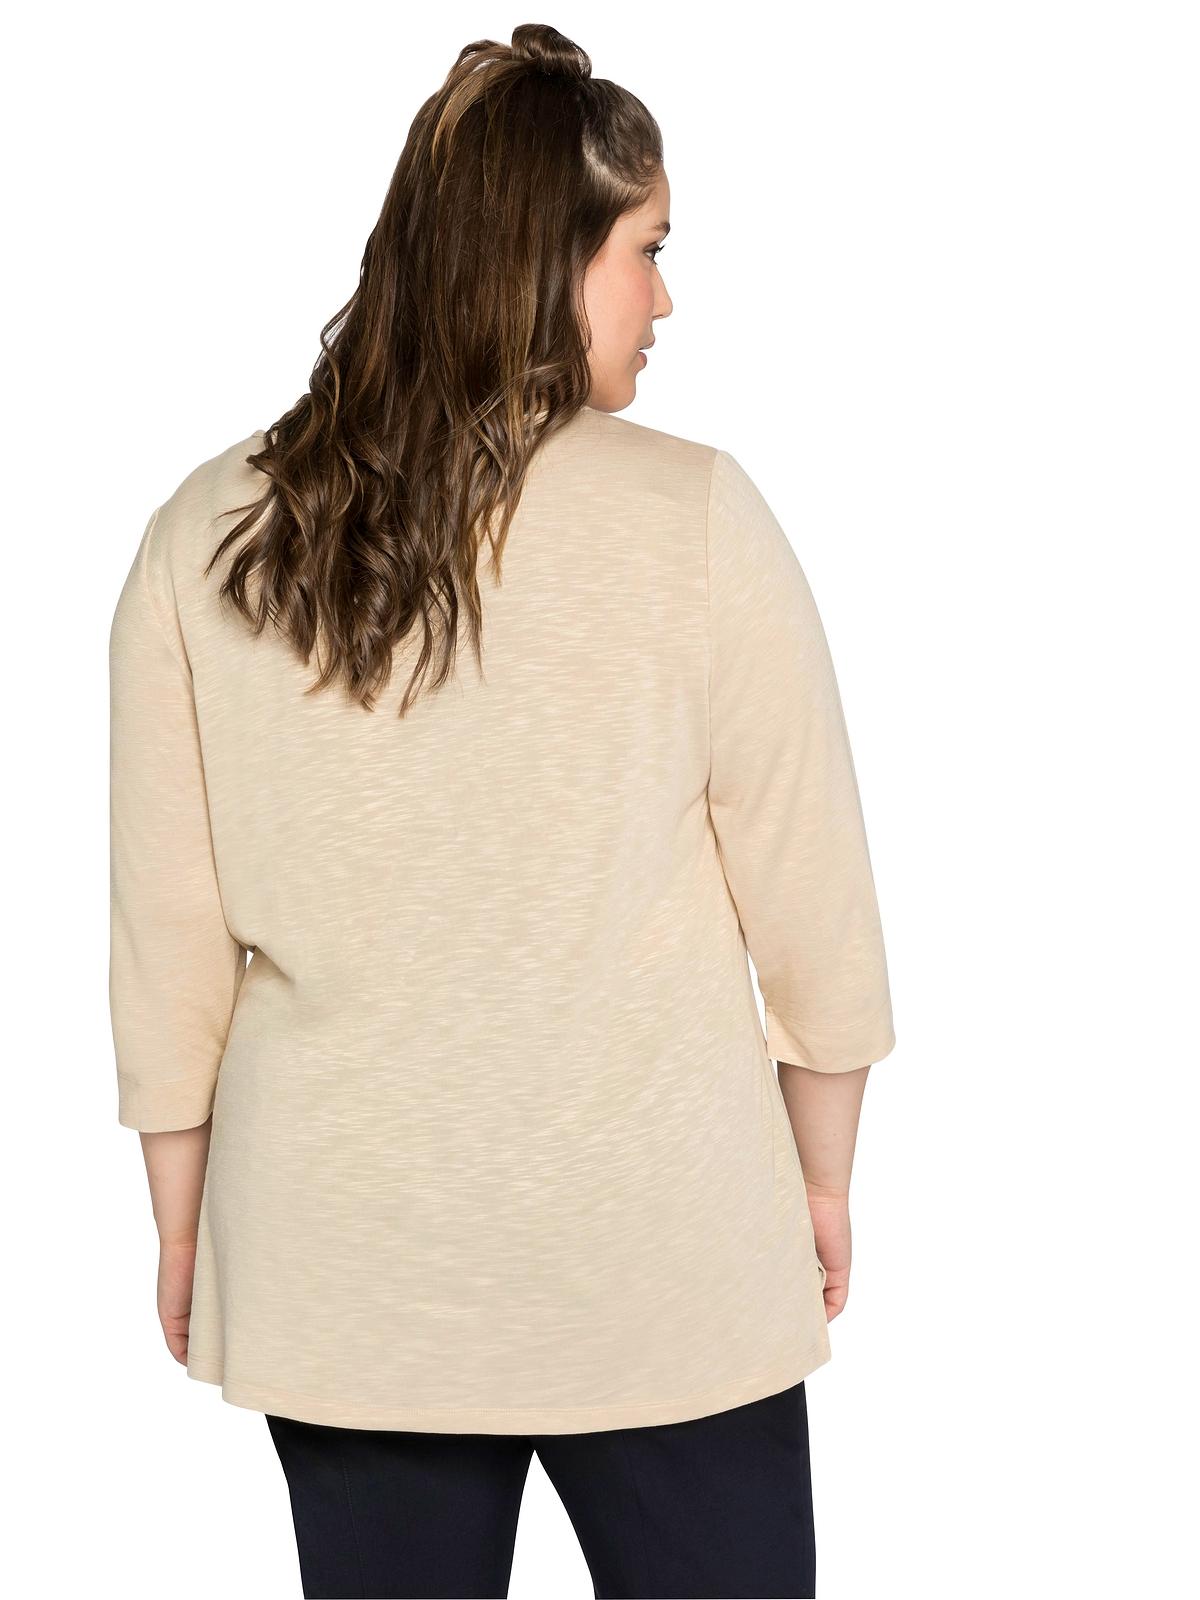 Sheego Shirt in beigefarben günstig kaufen